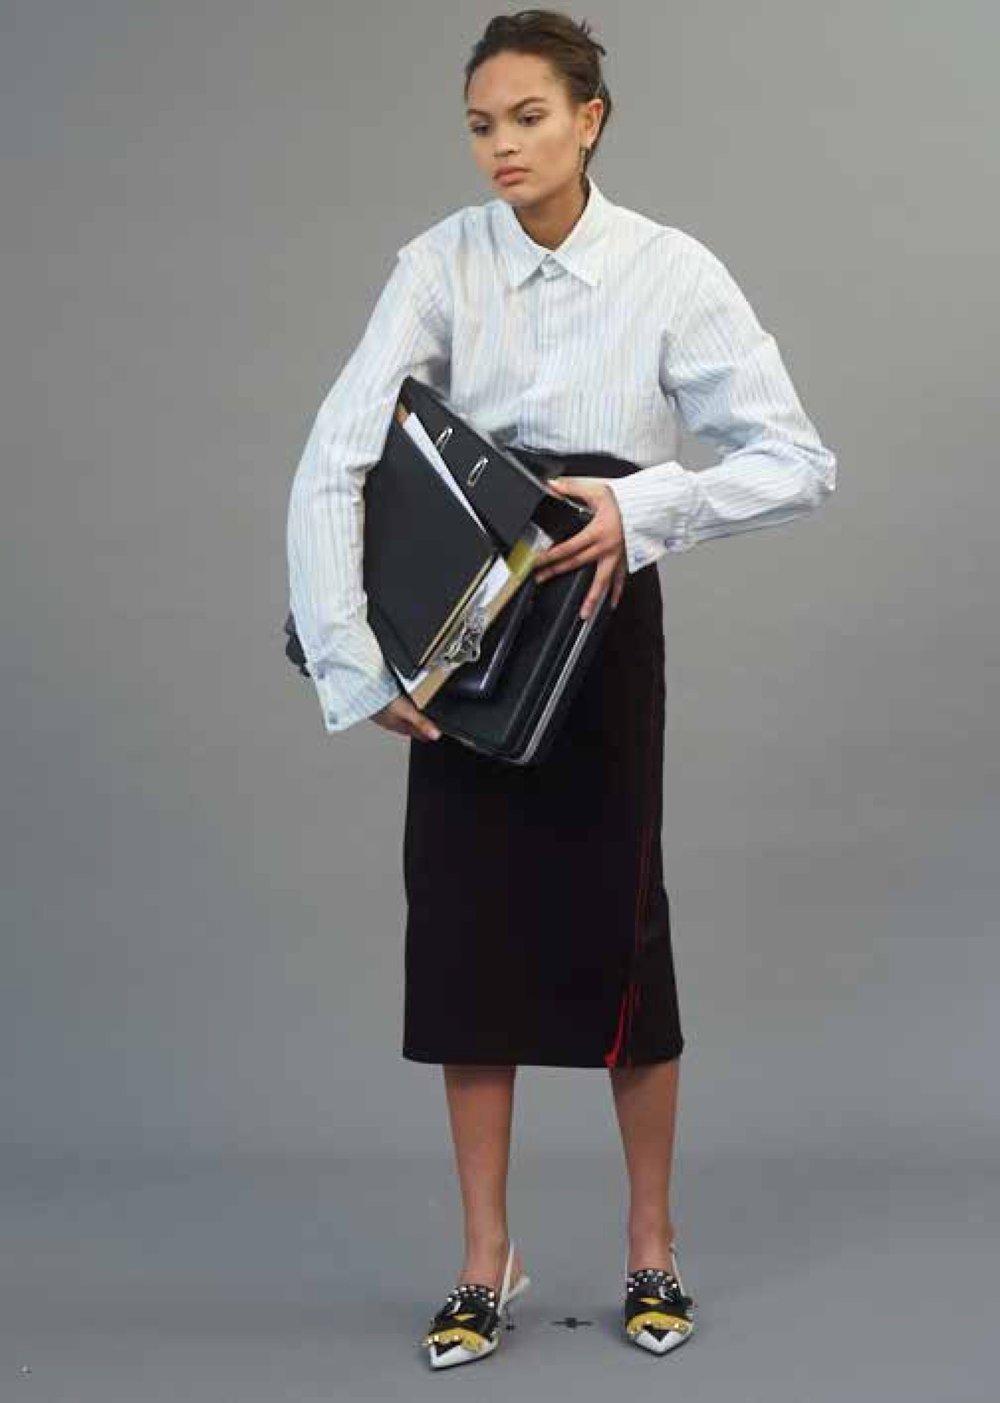 Falda, cinturón y zapatos, todo de  PRADA . Camisa de CHARLES JEFFREY LOVERBOY.